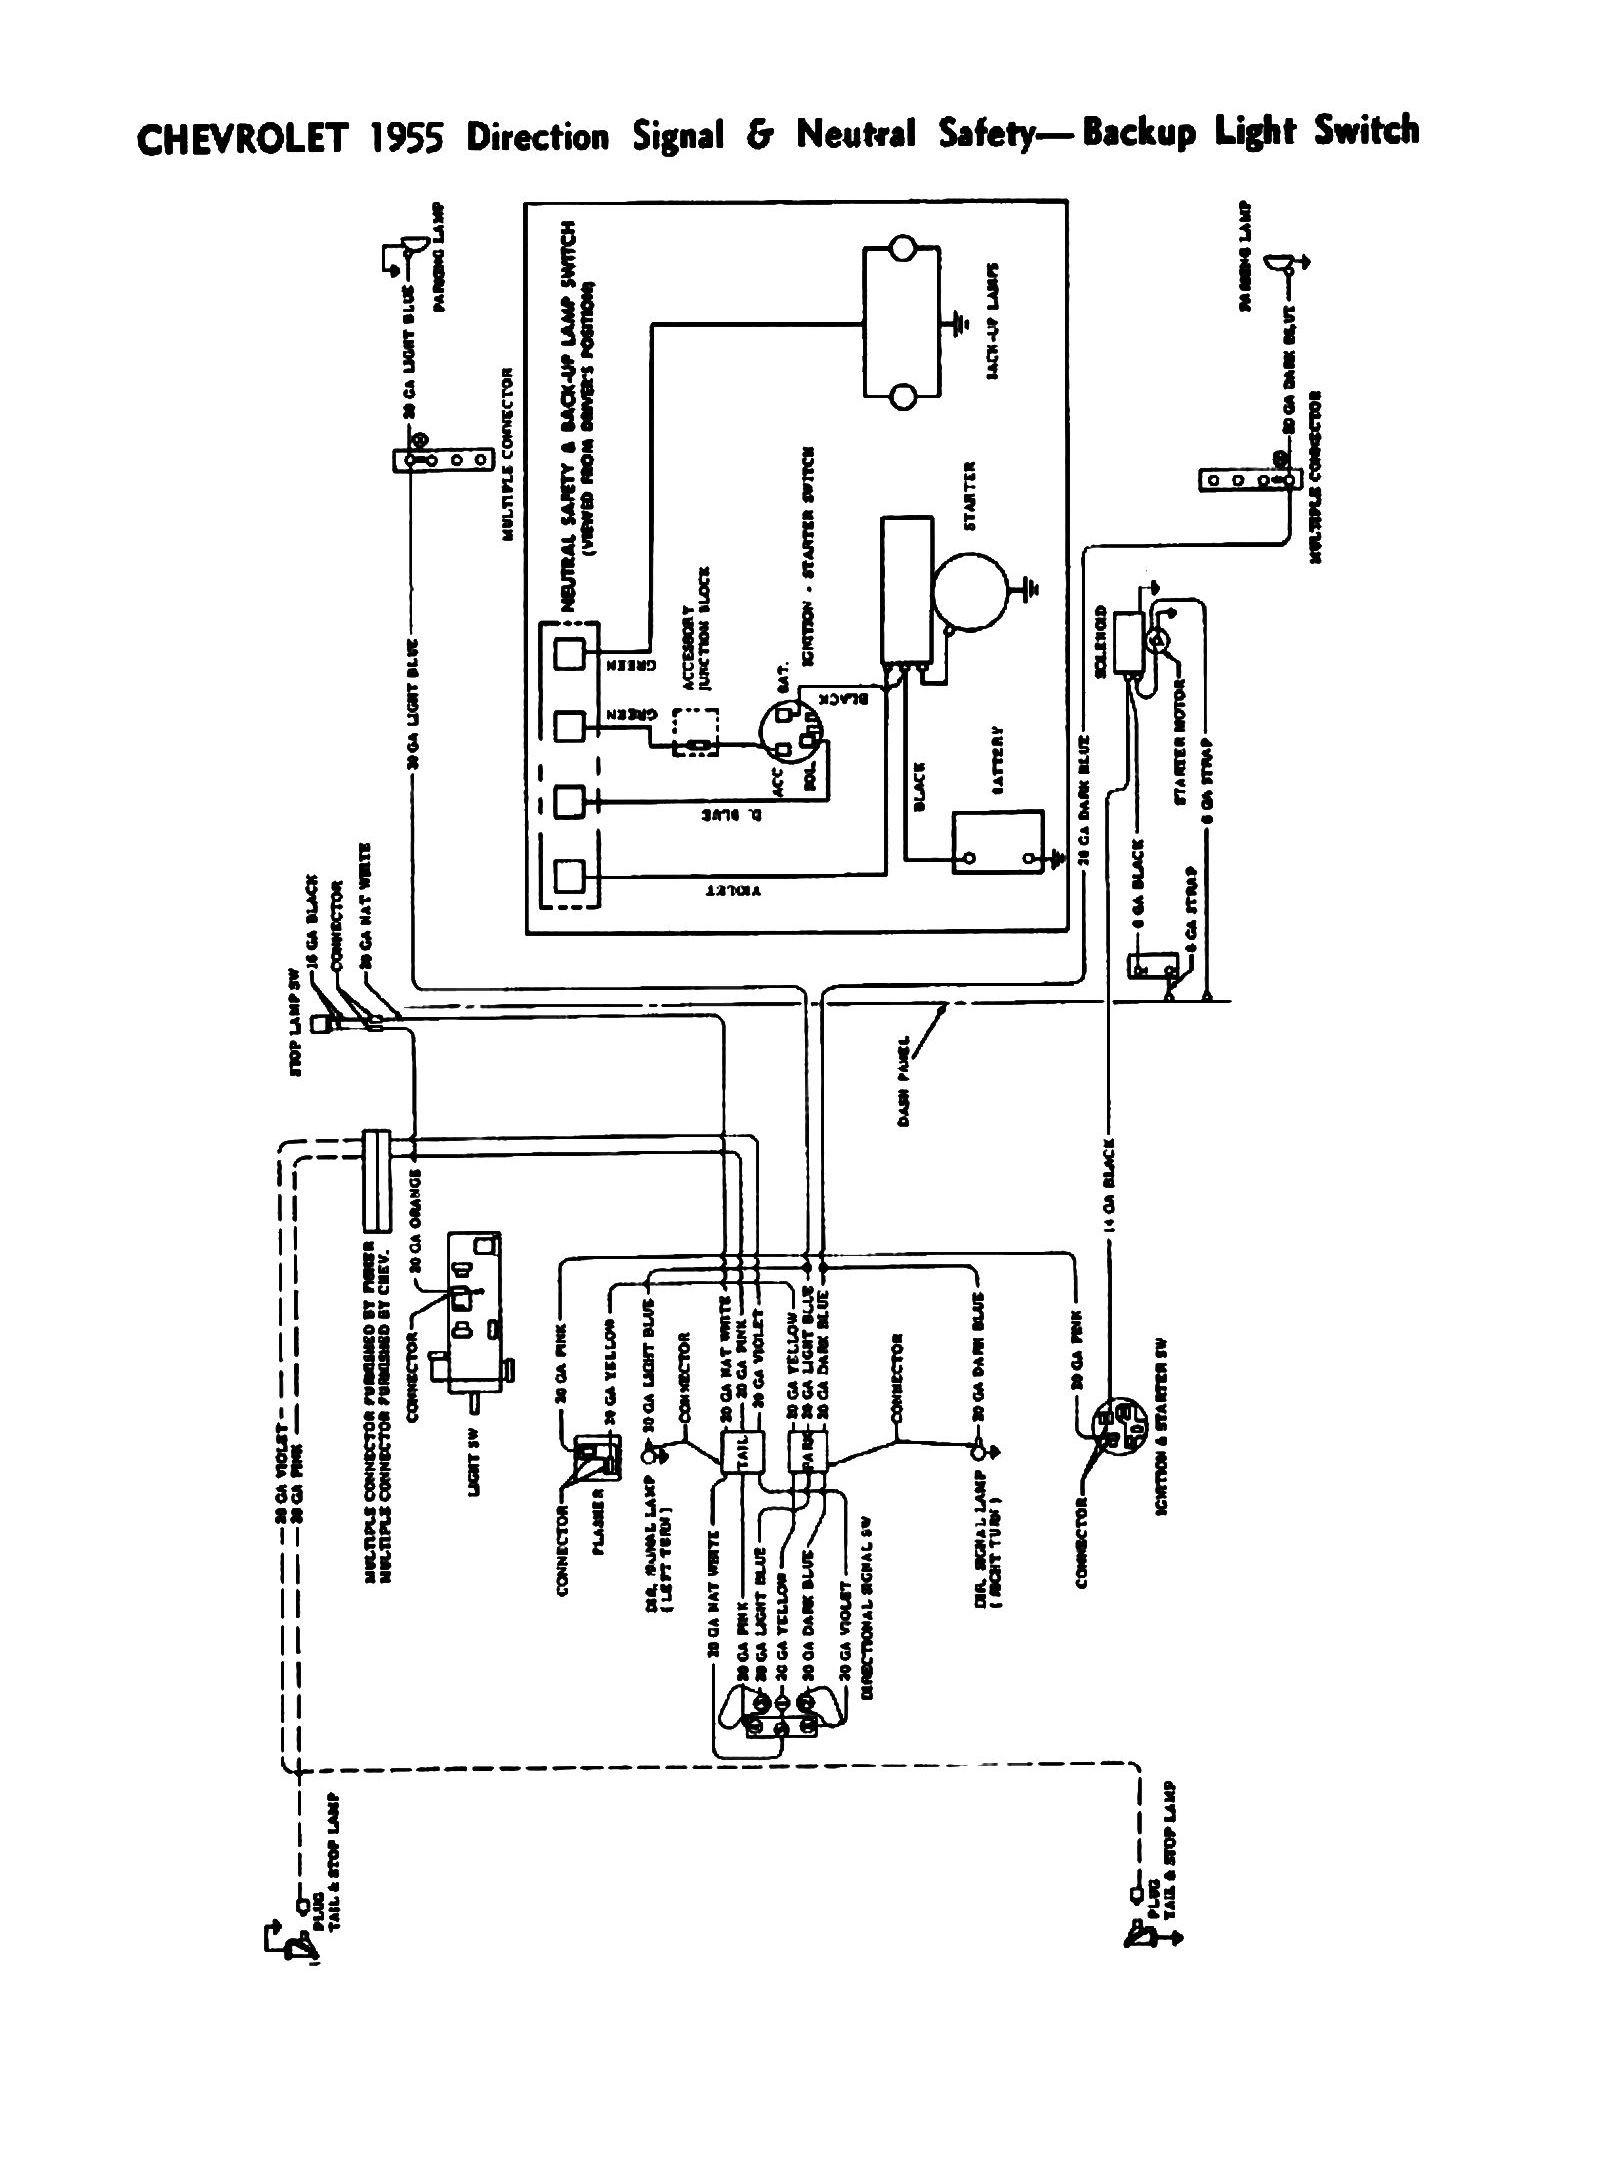 safety circuit wiring diagram Collection-Wiring Diagram Safety Relay Best Ignition Wiring Diagram Jerrysmasterkeyforyouand 1-k